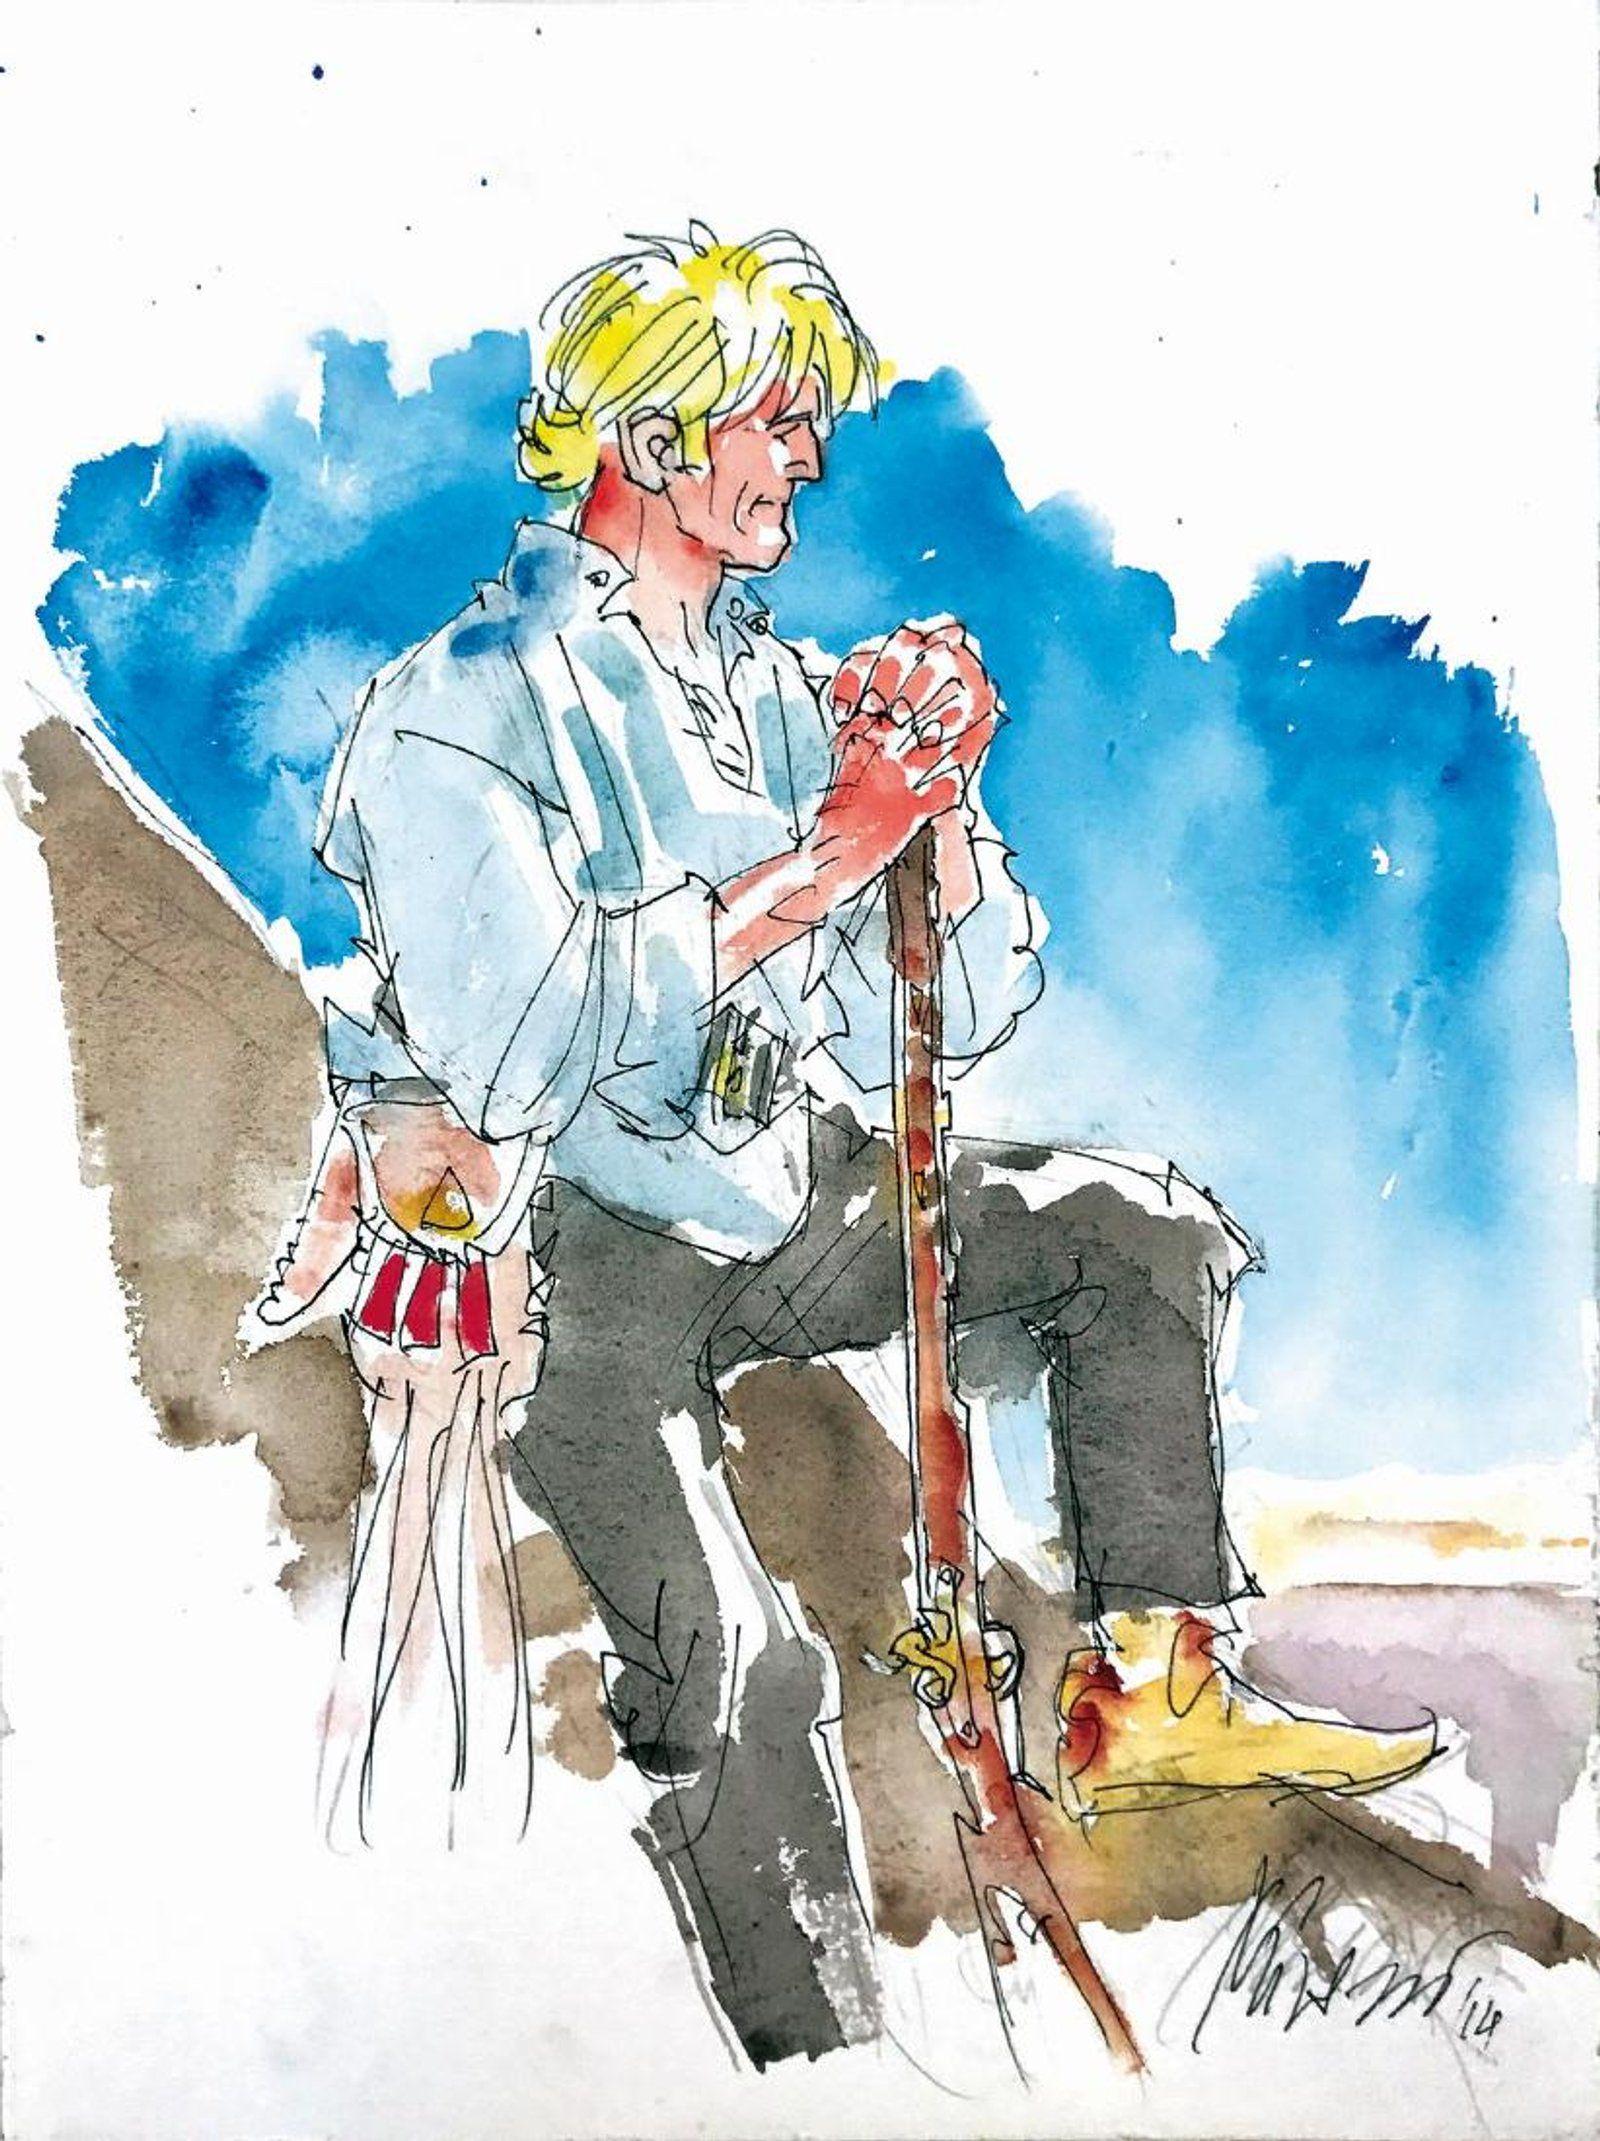 IVO MILAZZO - Ken Parker - originele art. - W.B. | Ken parker ...